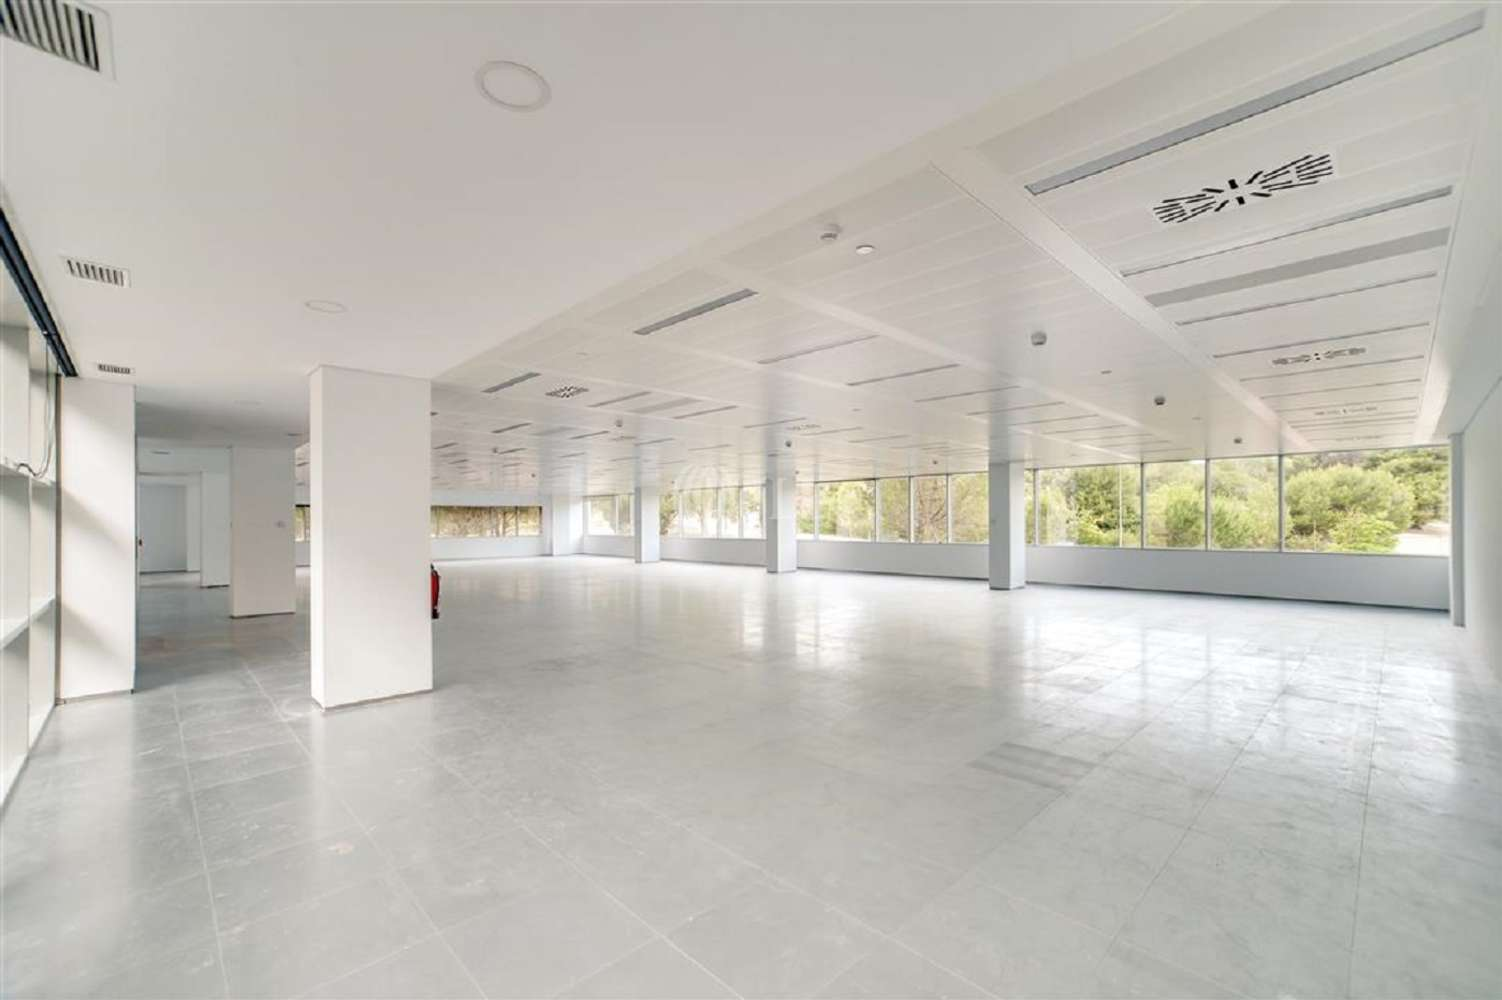 Oficina Sant cugat del vallès, 08174 - SANT CUGAT NORD - Edifici A - 18014